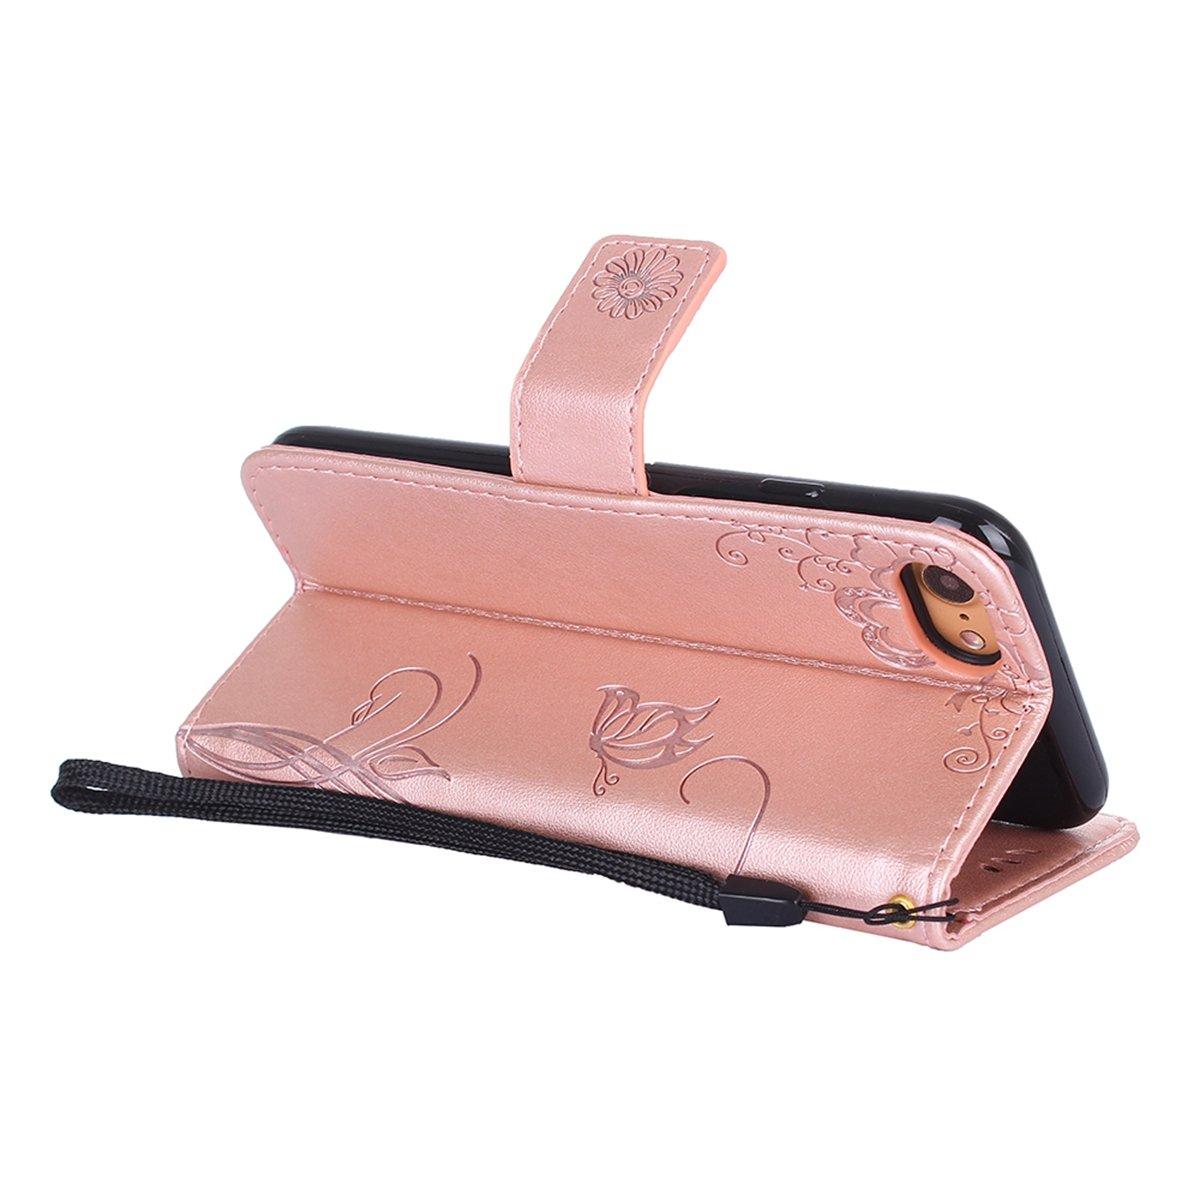 MoreChioce kompatibel mit iPhone 8 H/ülle,kompatibel mit iPhone 7 Stand H/ülle Retro Blau Relief Schutzh/ülle Klapph/ülle Flip Wallet Case Magnetische mit Kartenfach Standfunktion,EINWEG